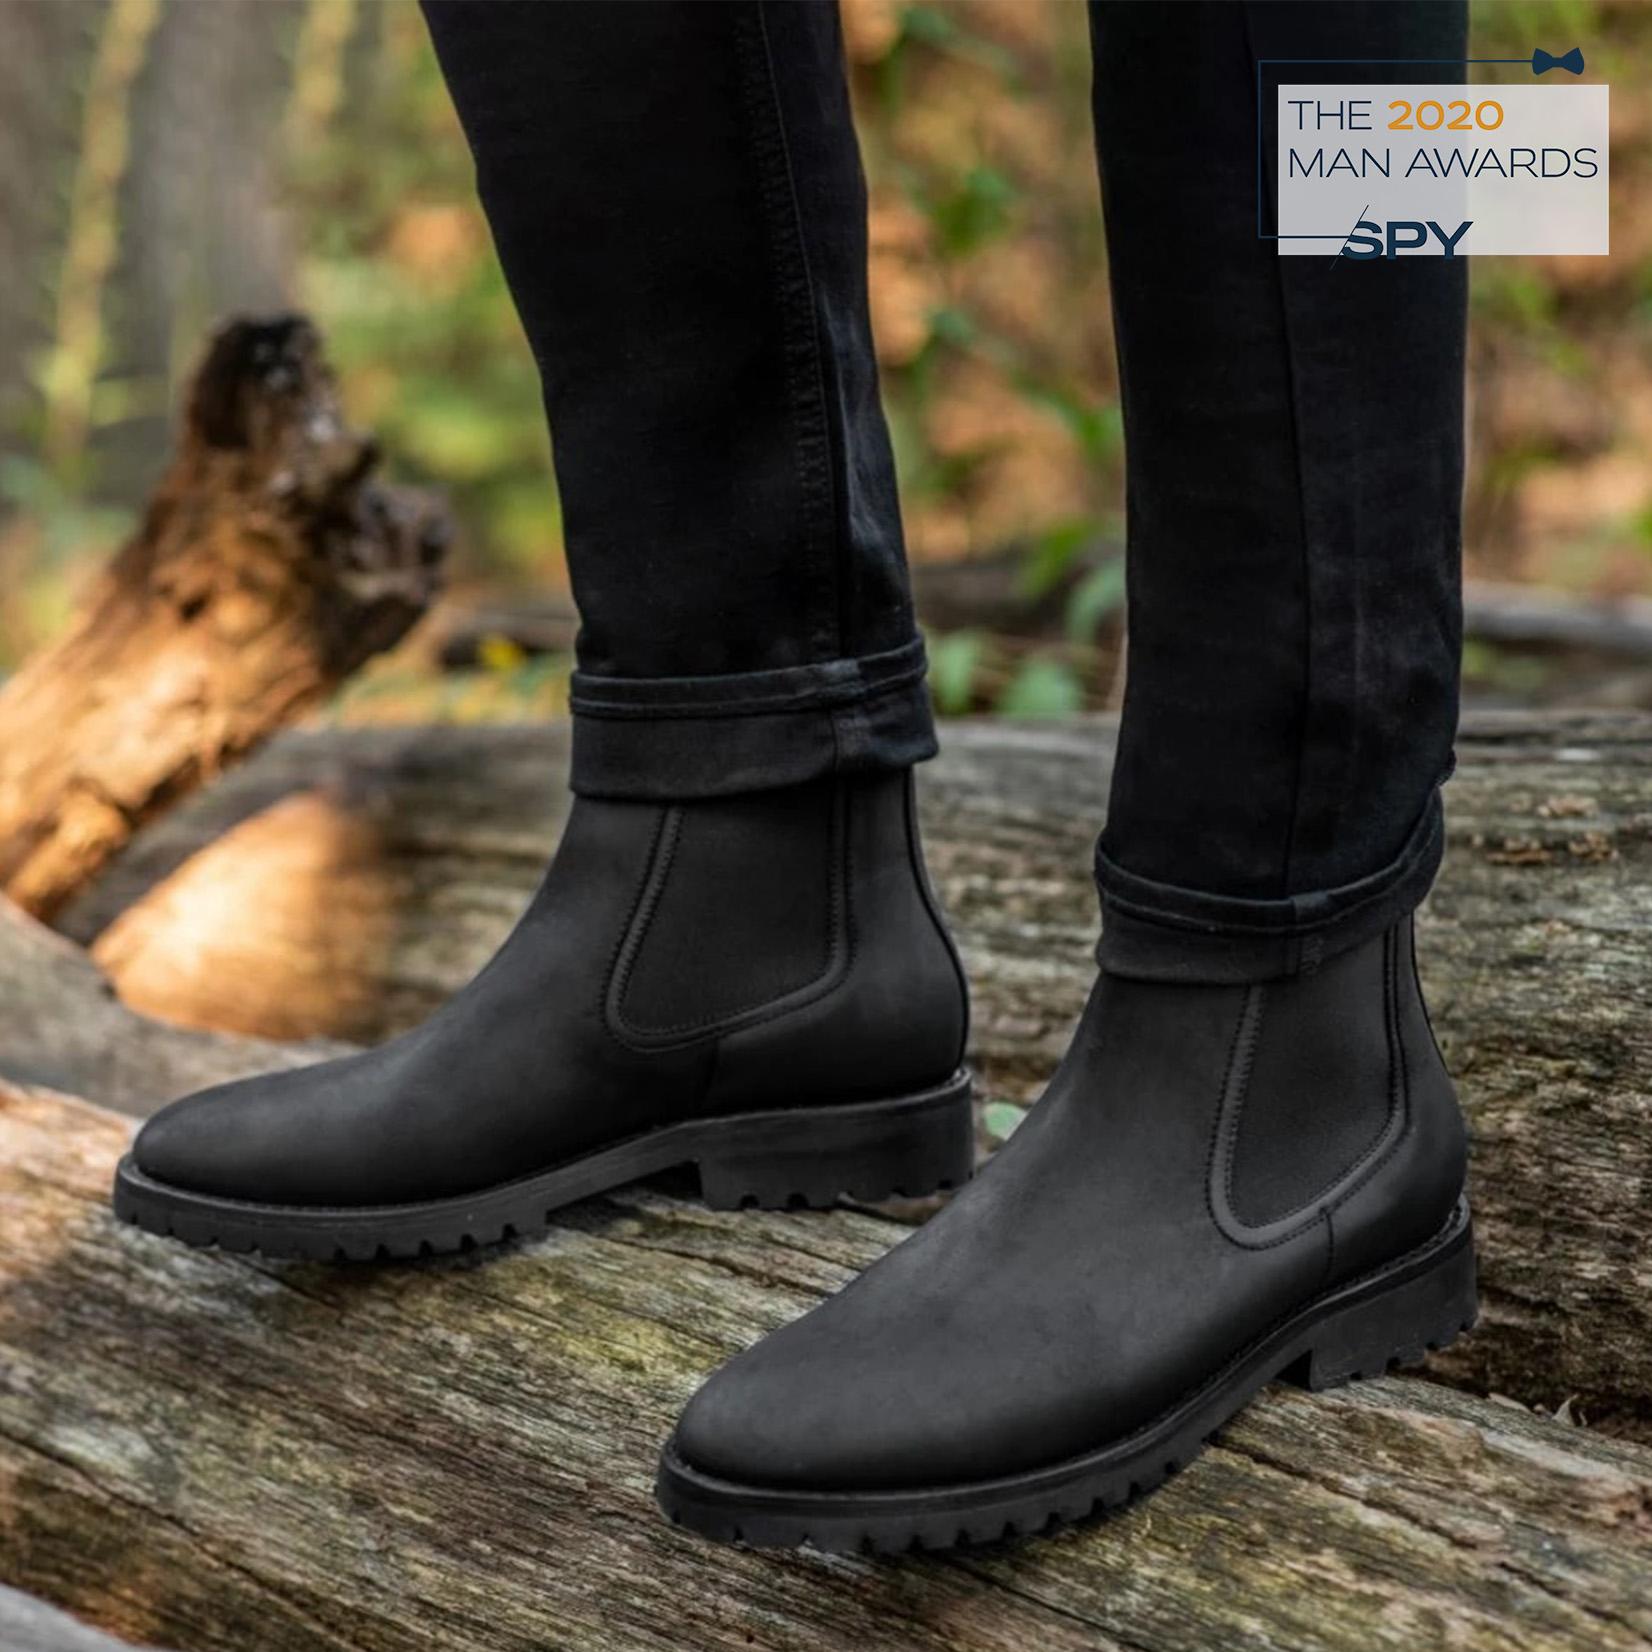 thursday boot co. Legend Chelsea Boots, best men's products 2020